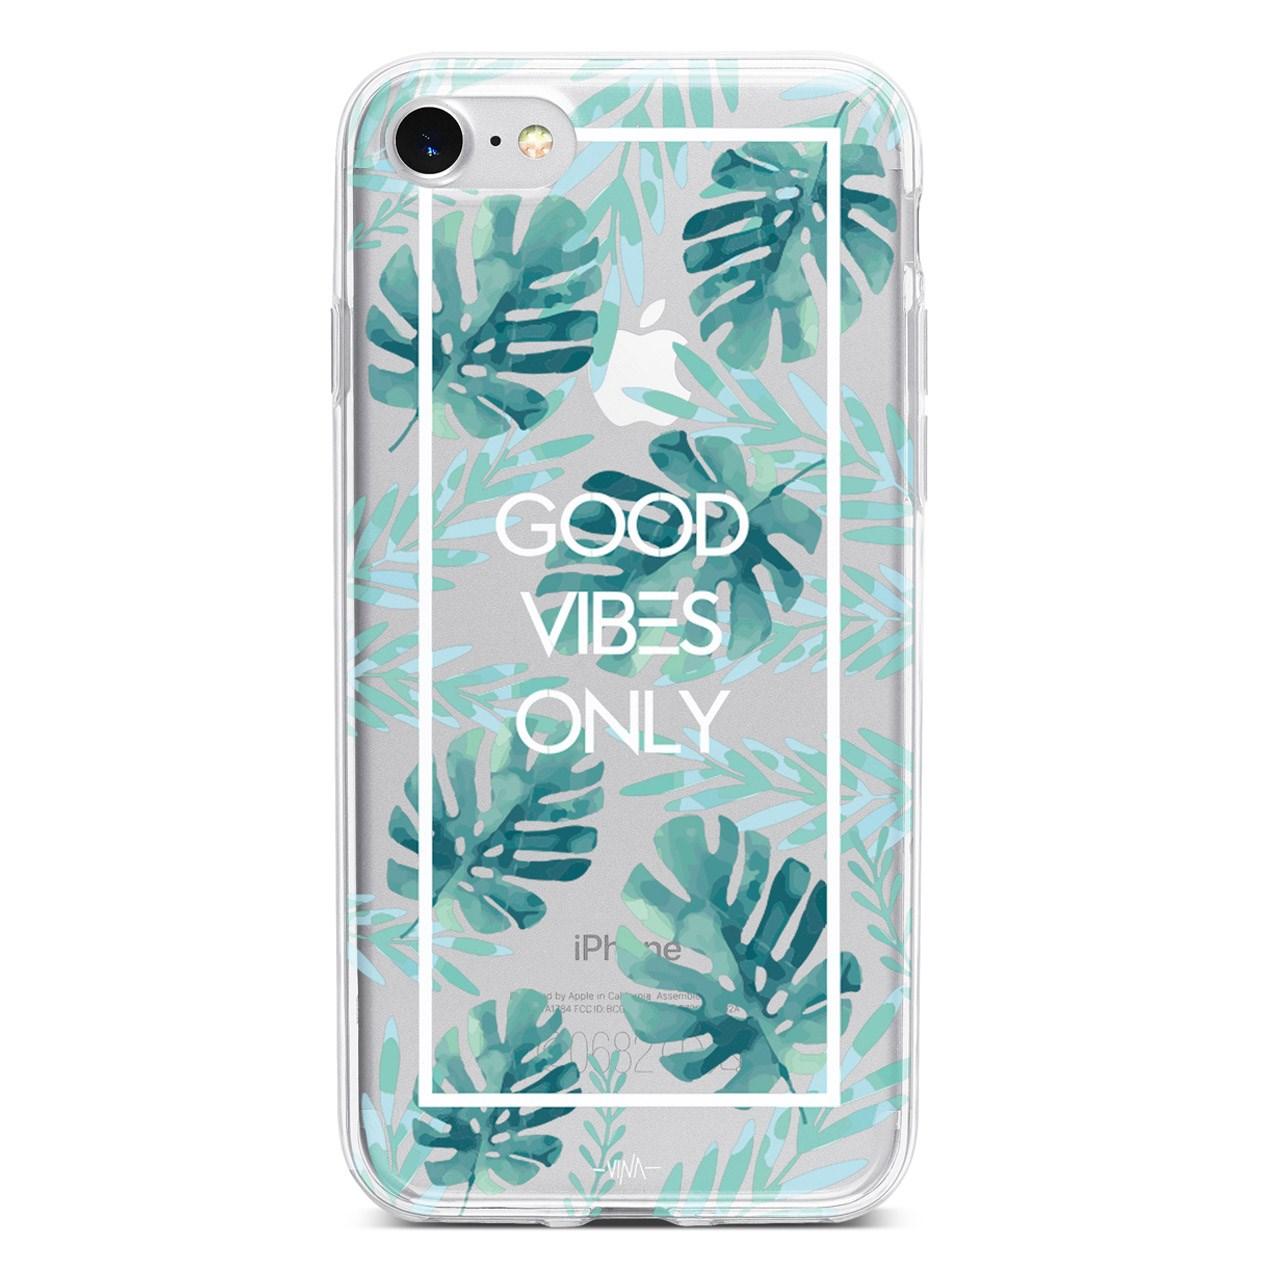 کاور  ژله ای وینا مدل  Good Vibes Only مناسب برای گوشی موبایل آیفون 7 و 8